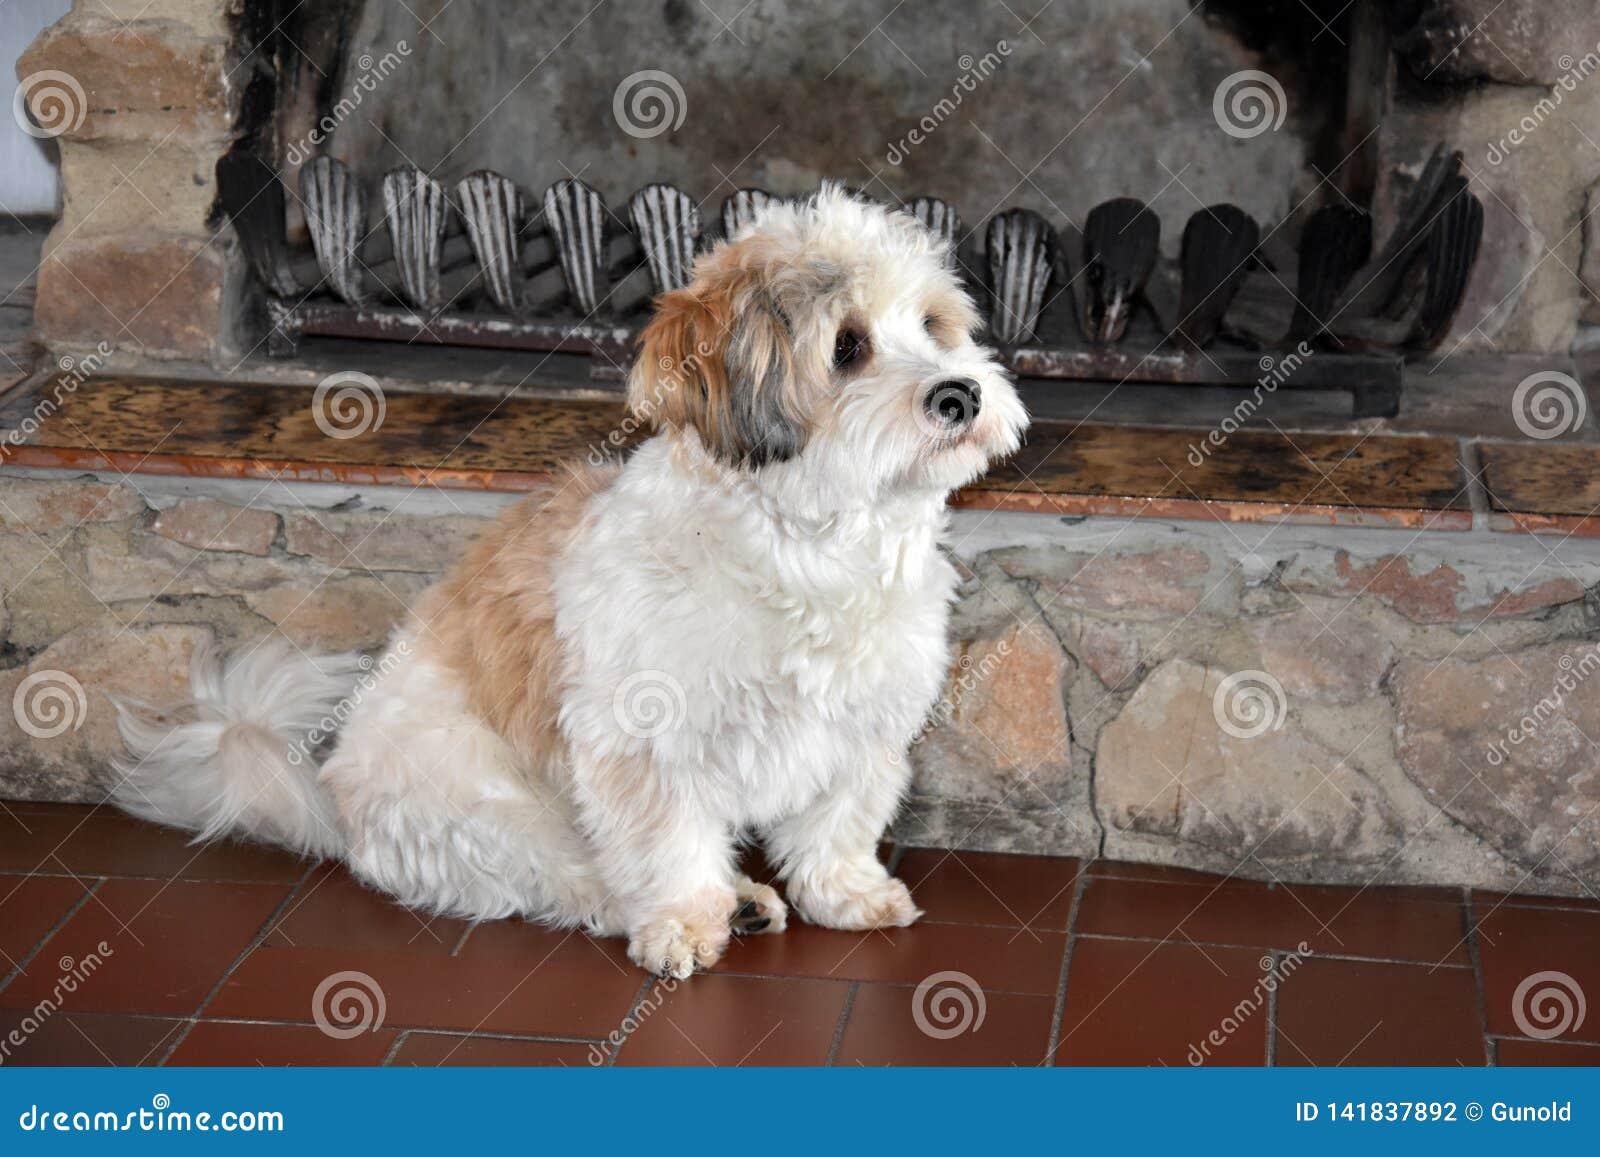 Piccolo cucciolo havanese sta aspettando qualcuno per giocare con lui